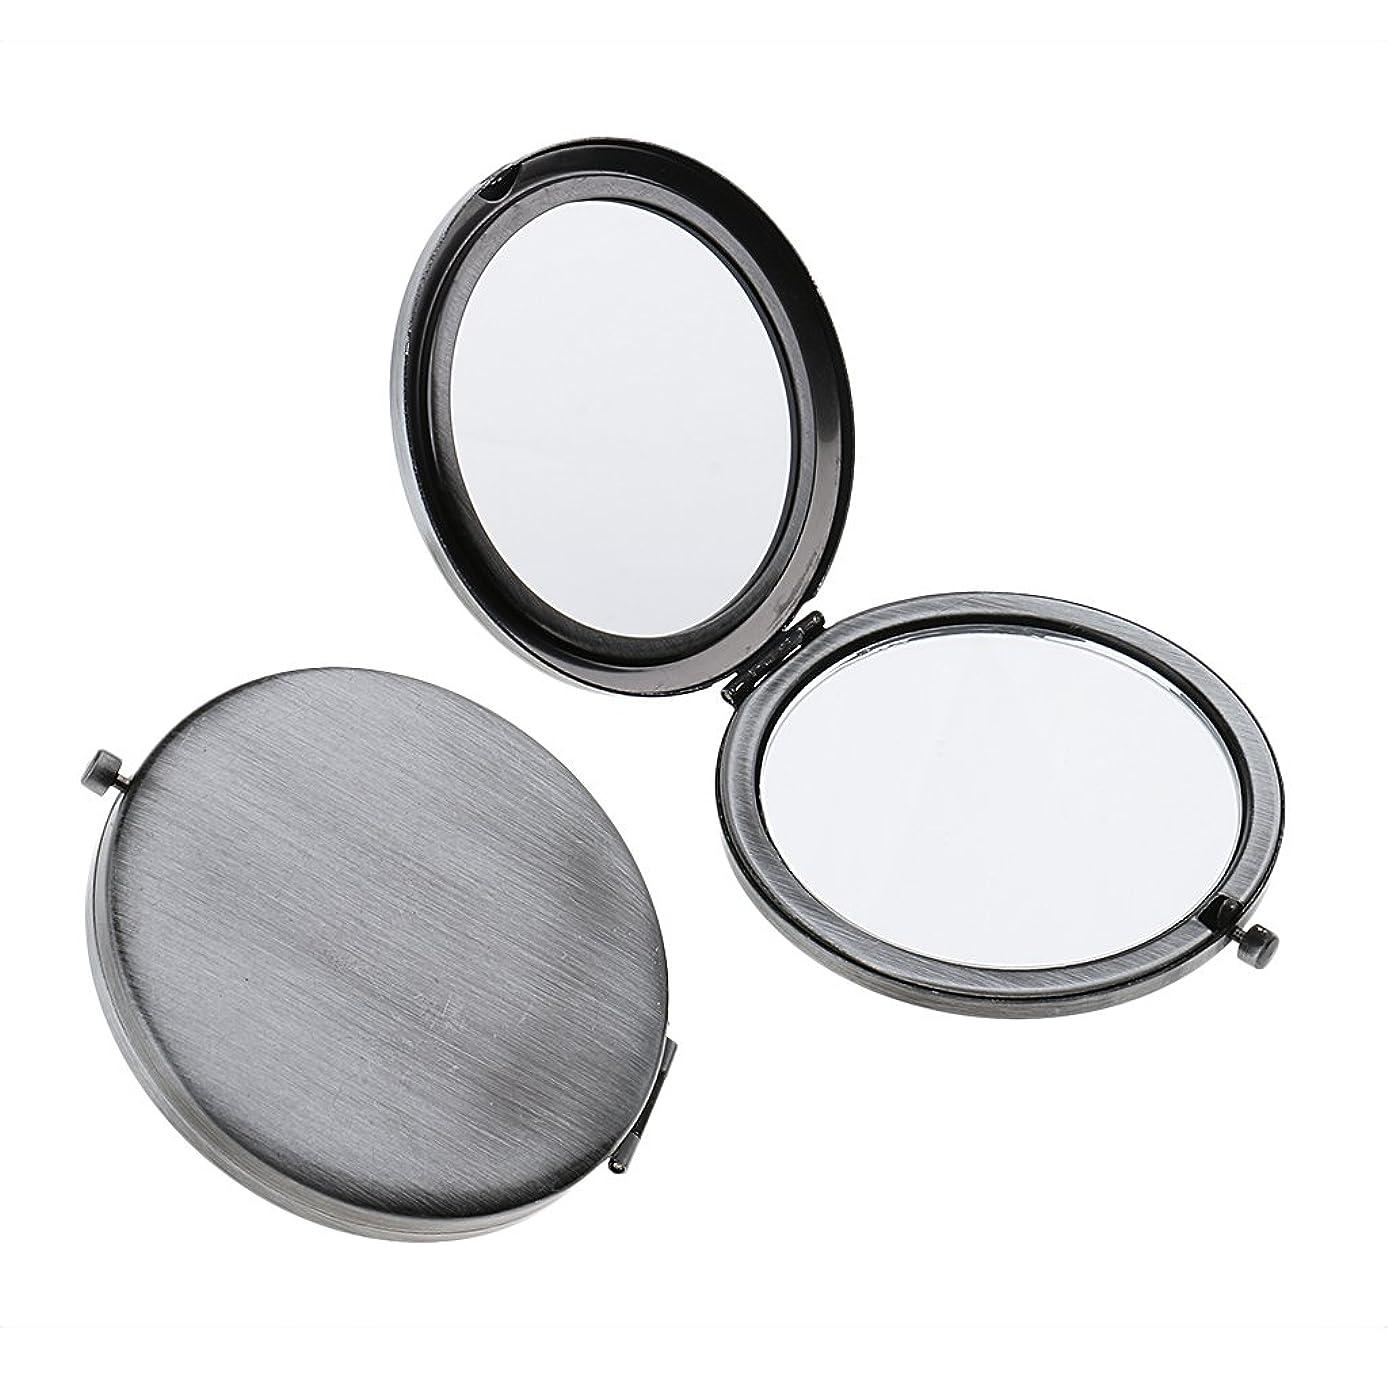 レンジ手荷物液化するT TOOYFUL ミニ手鏡 両面コンパクトミラー ステンレス 折りたたみ式 ハンドミラー 携帯ミラー 2個入り - クラシックシルバー